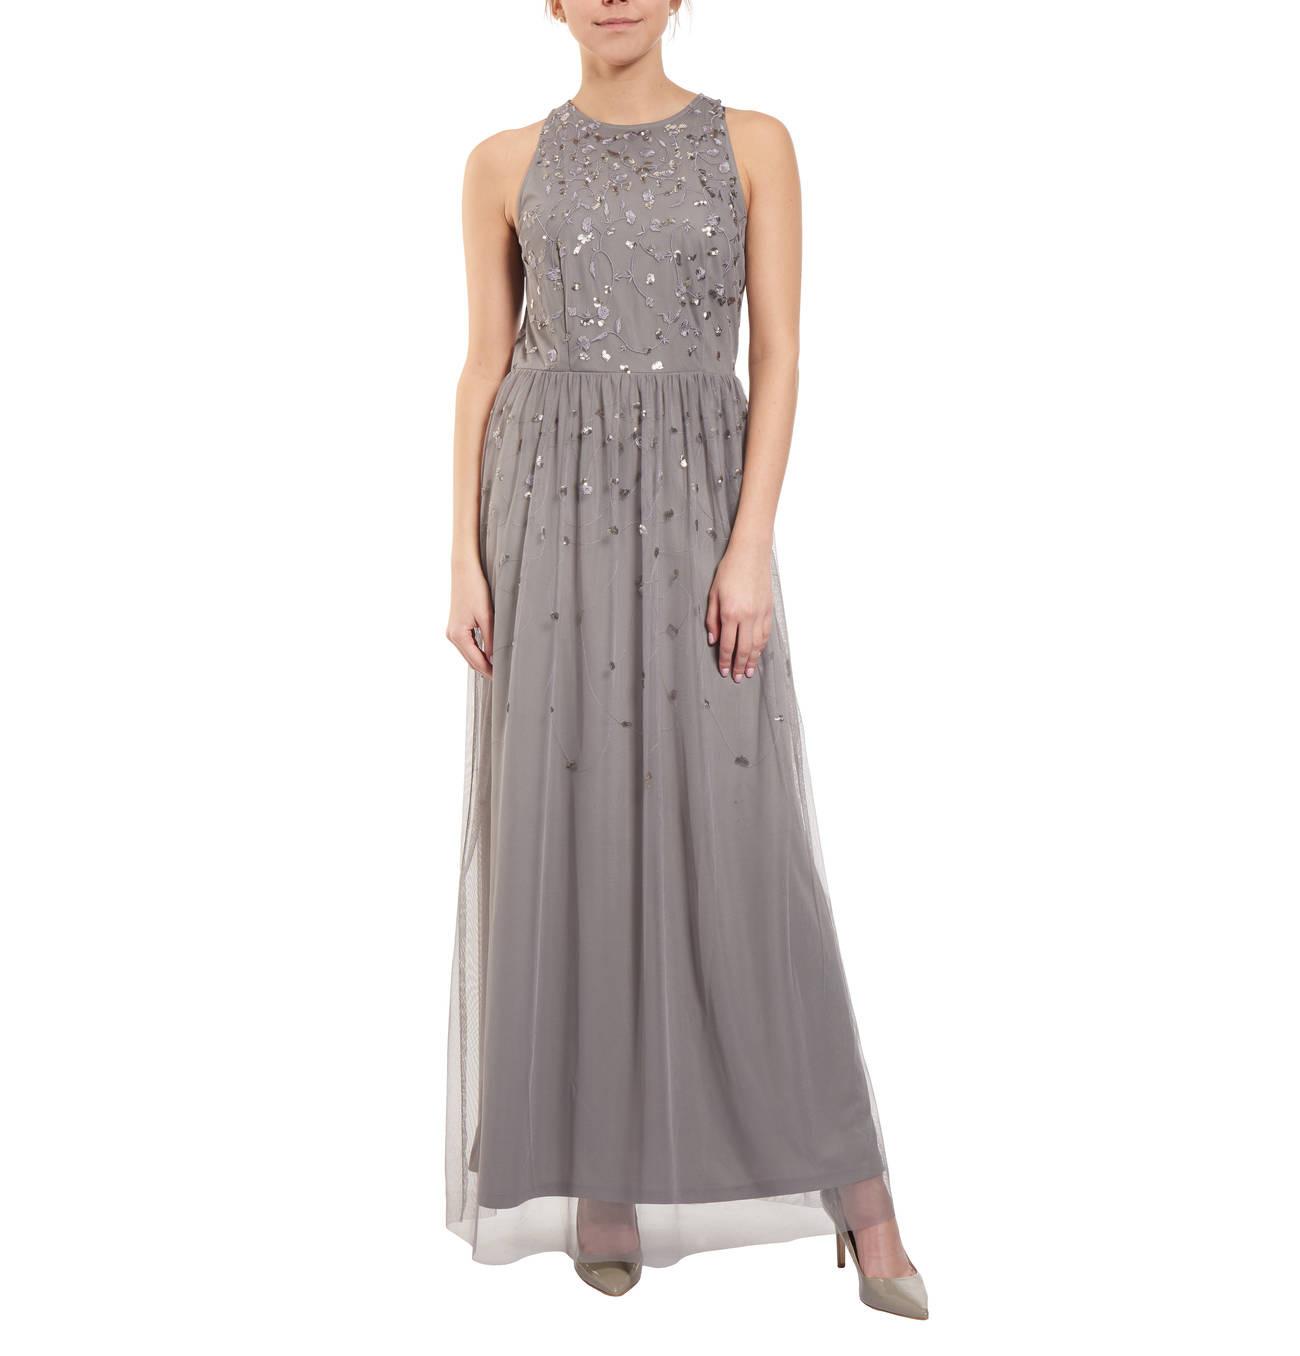 Formal Elegant Esprit Abendkleid für 2019 Luxus Esprit Abendkleid Stylish